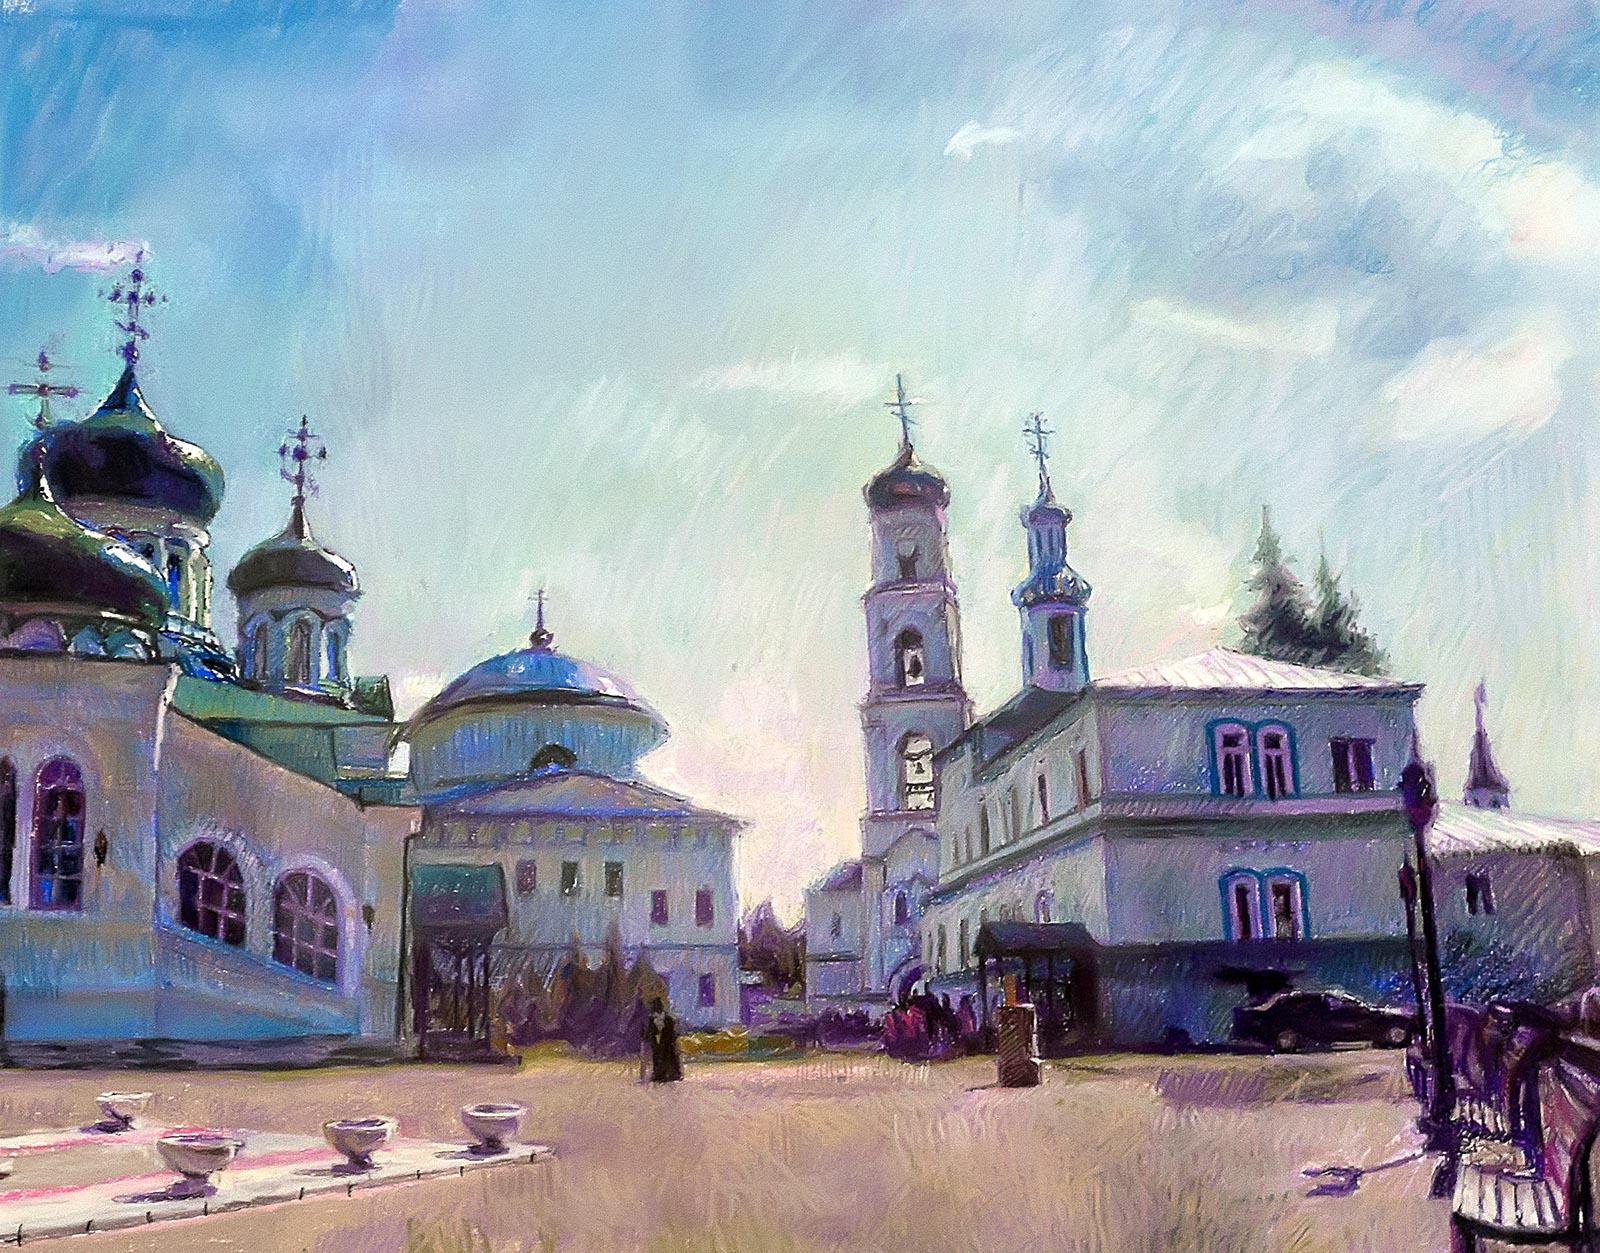 Фото №221256. РАИФСКИЙ МОНАСТЫРЬ. 2008